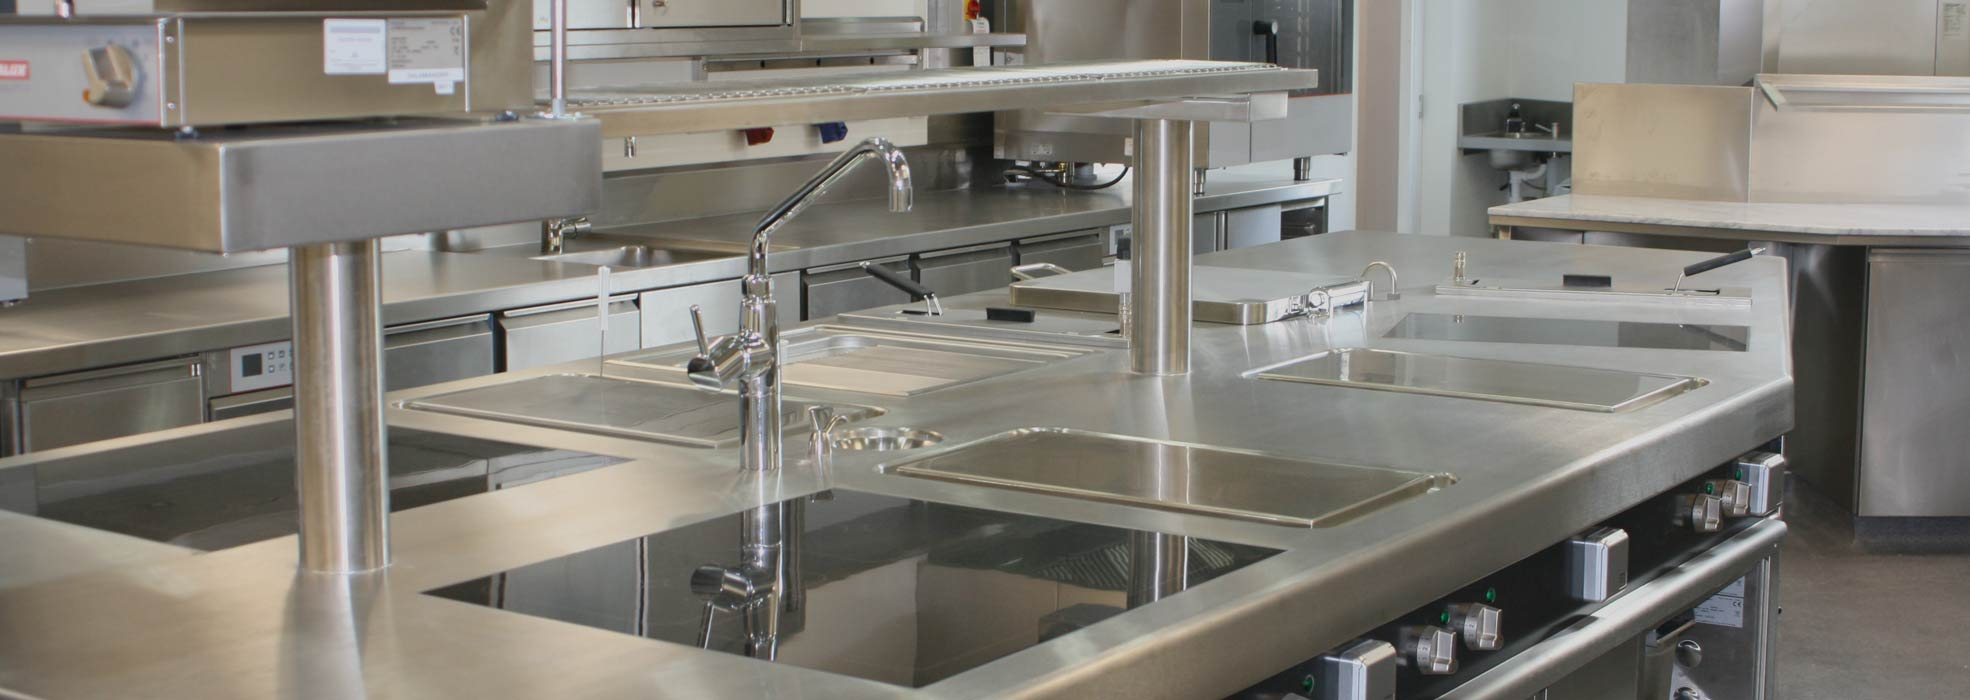 cia-kitchen-designs